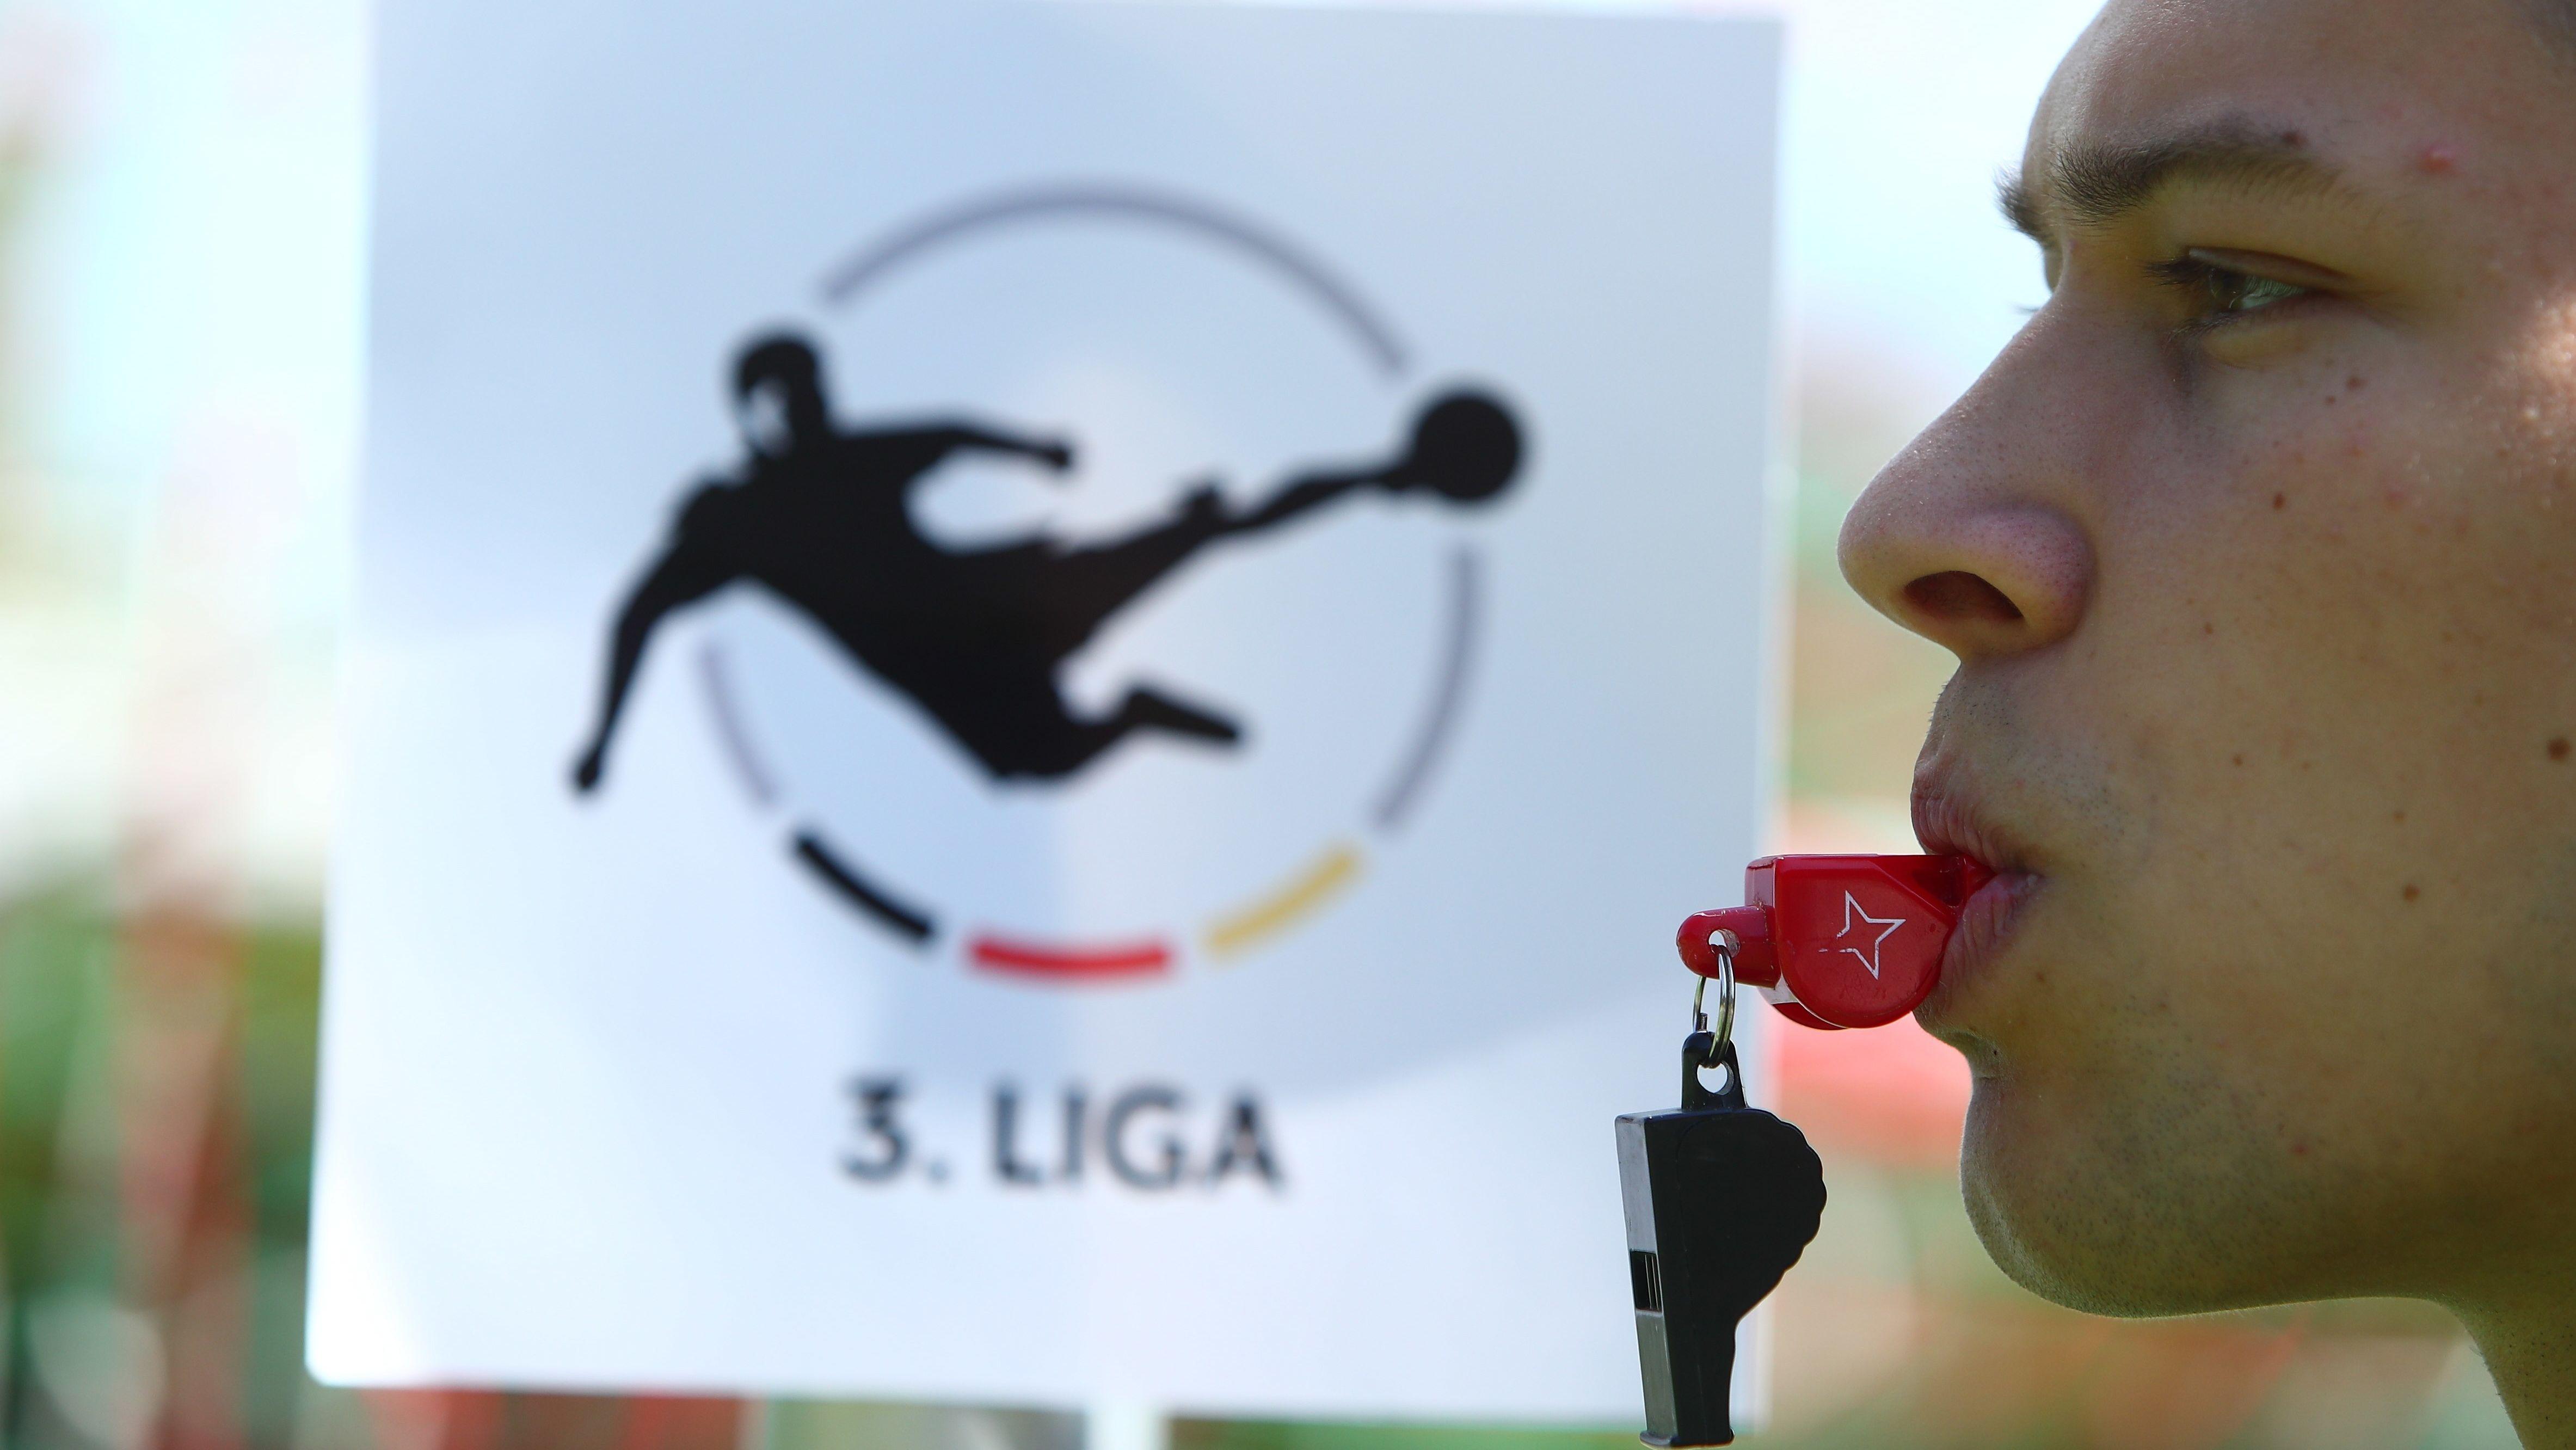 Drittligalogo und Mann mit Schiedsrichterpfeife